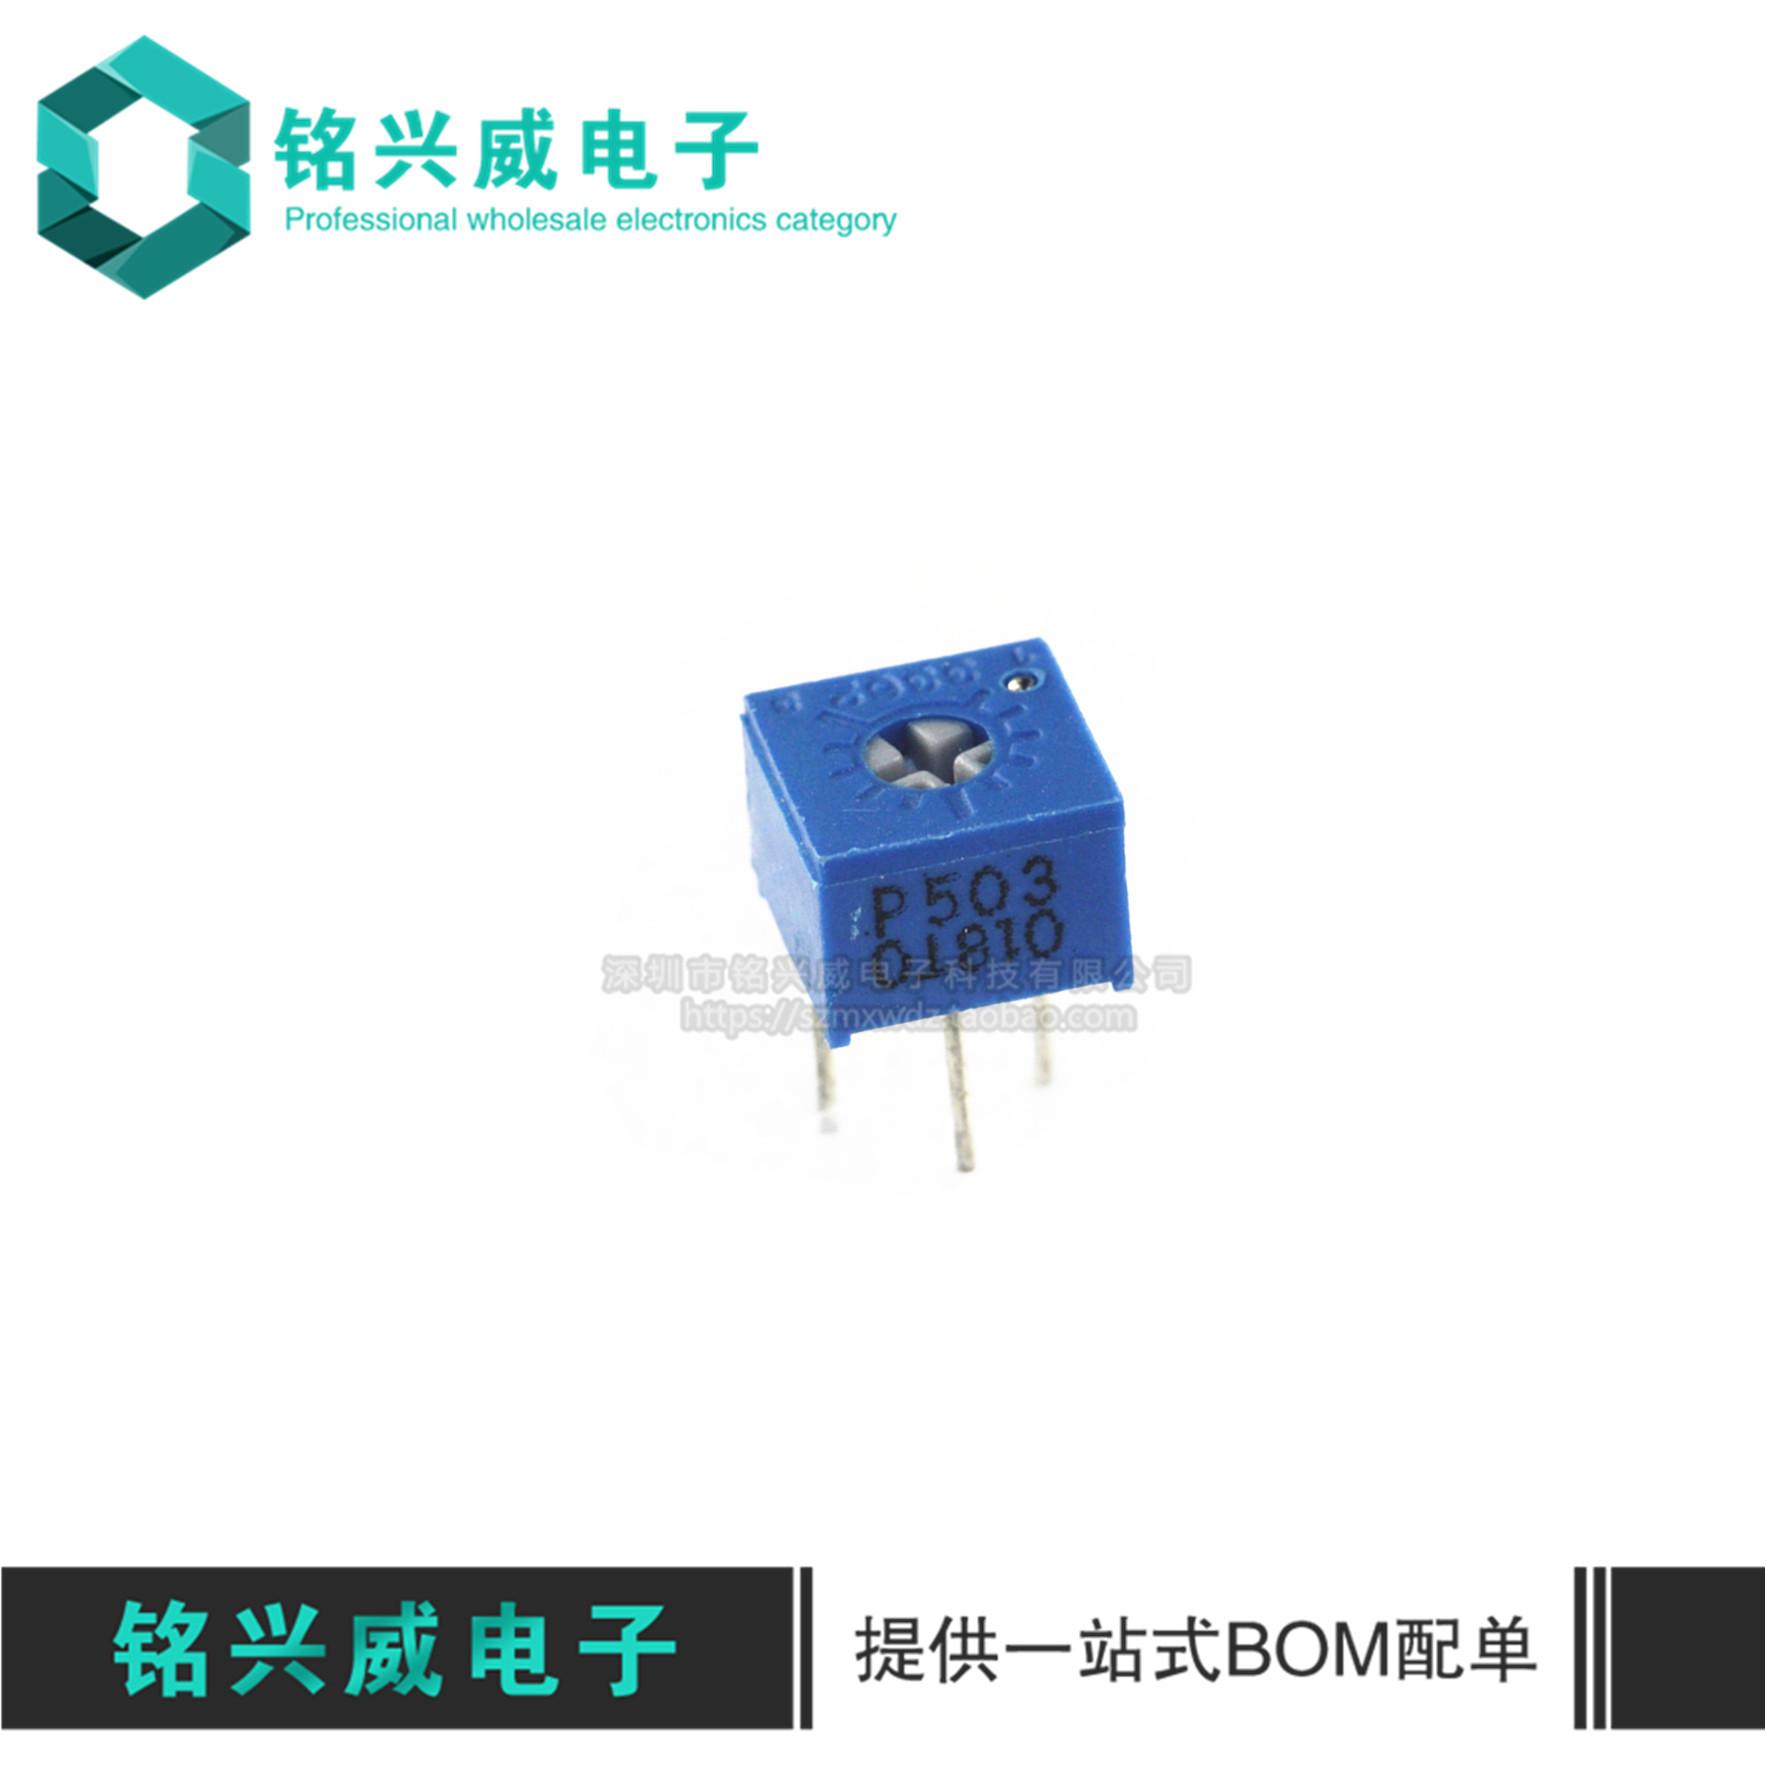 3362-P503 可调精密电位器 3362P-503 50K  单圈可调电位器